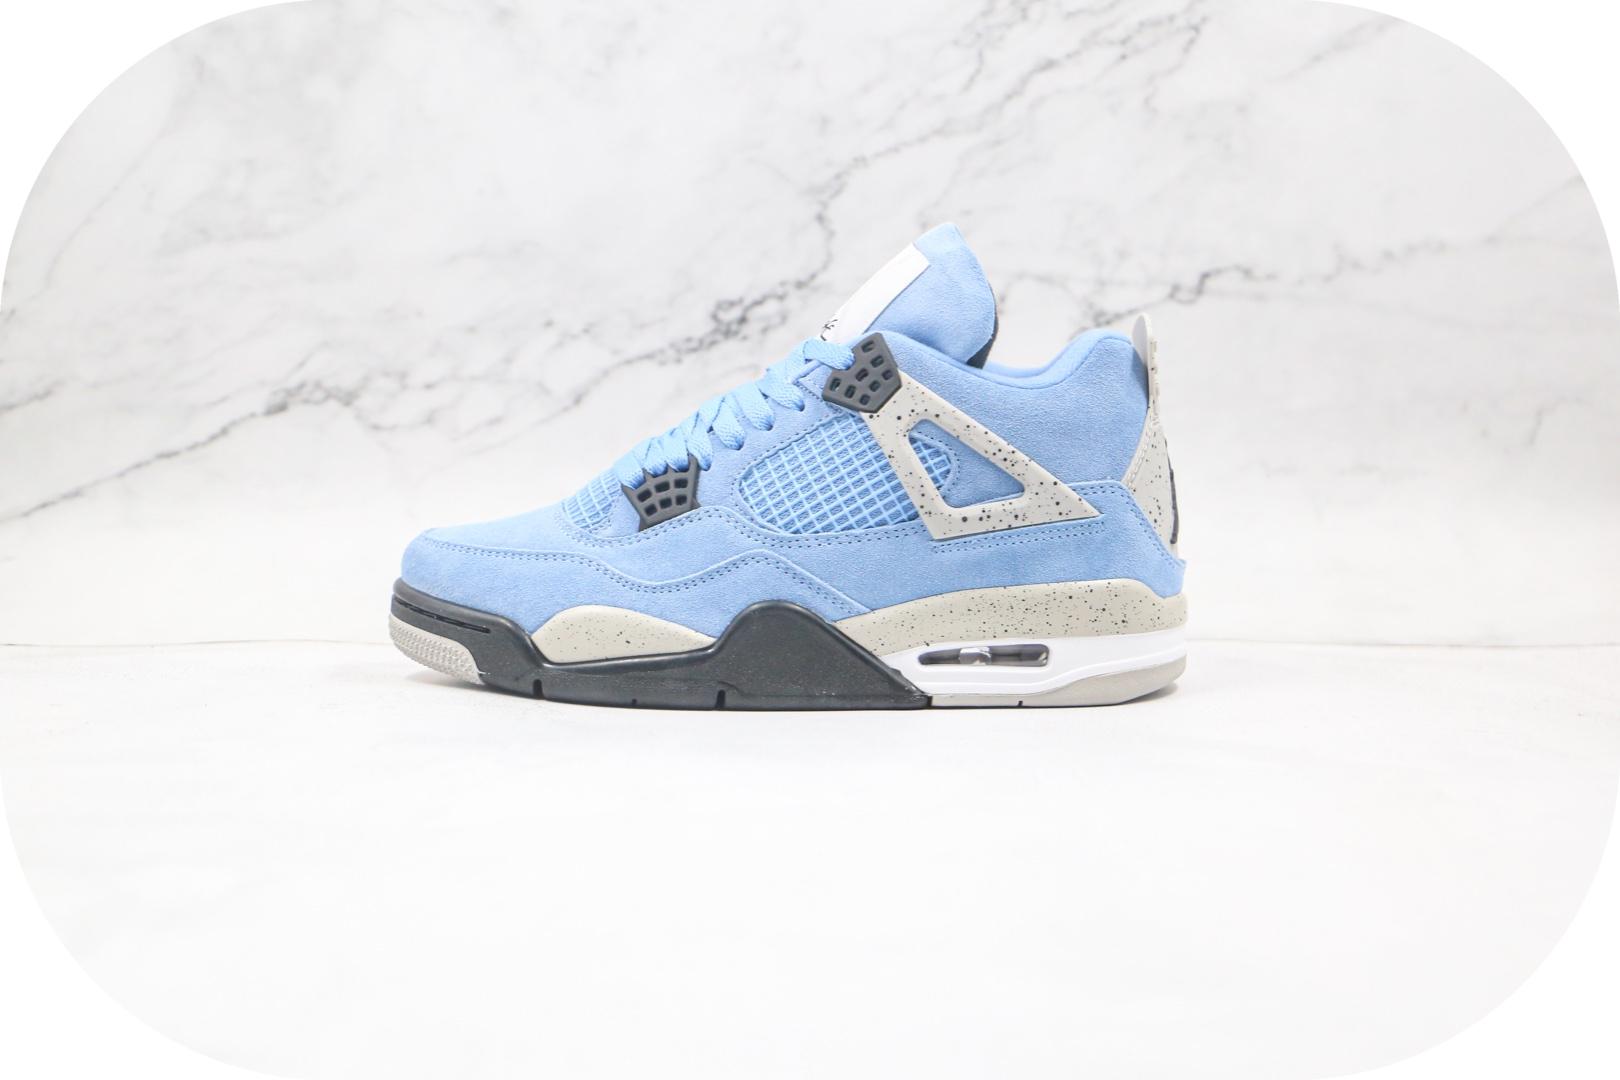 乔丹Air Jordan 4篮球鞋纯原版本AJ4大学蓝配色内置气垫正确鞋面材质 货号:CT8527-400封面